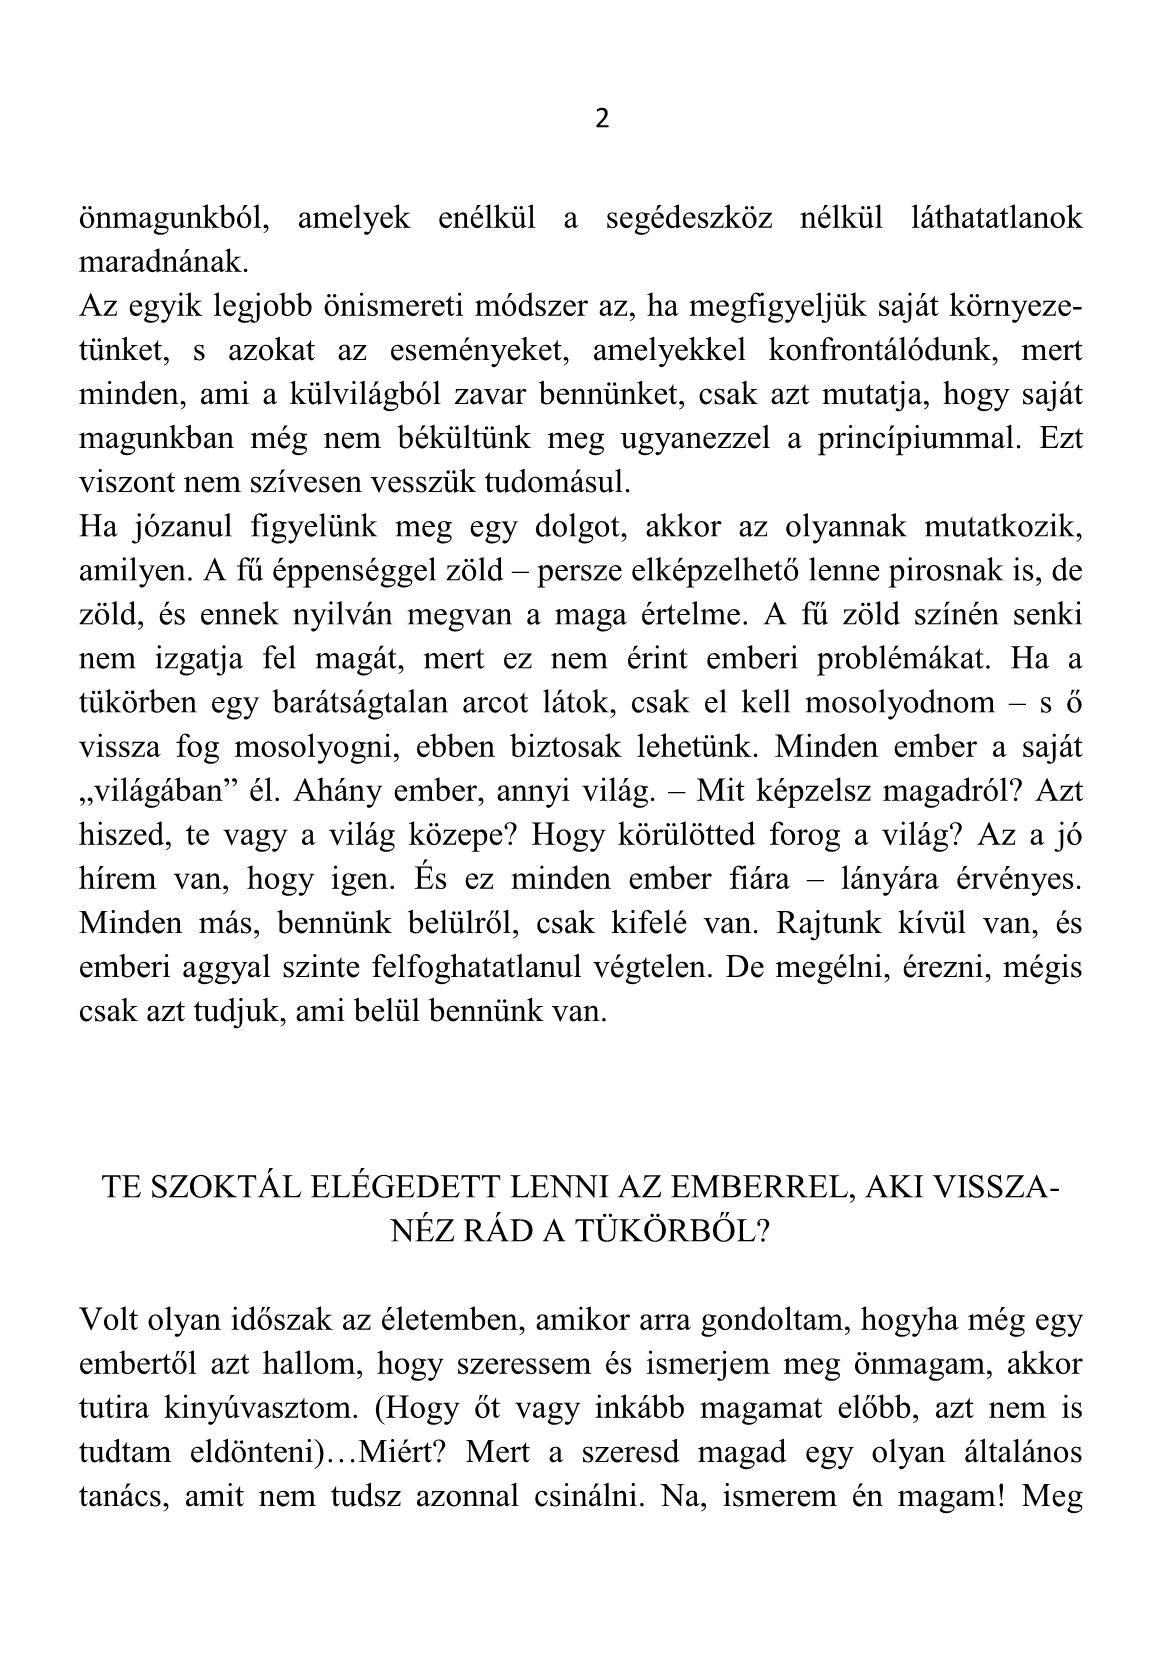 Hibakereső kézikönyv szilveszterre